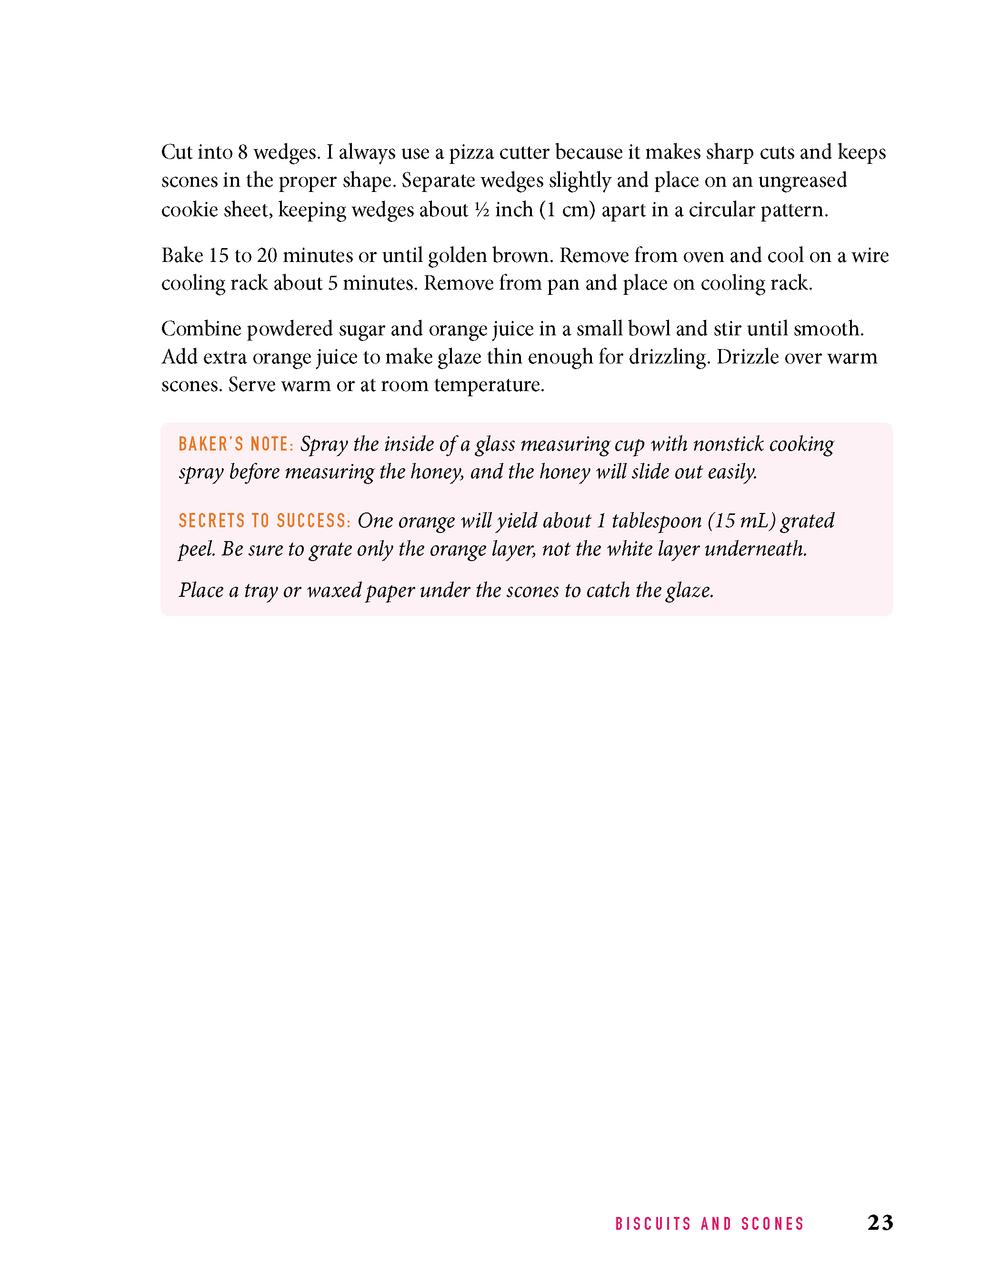 Baking Basics_Page_10.png